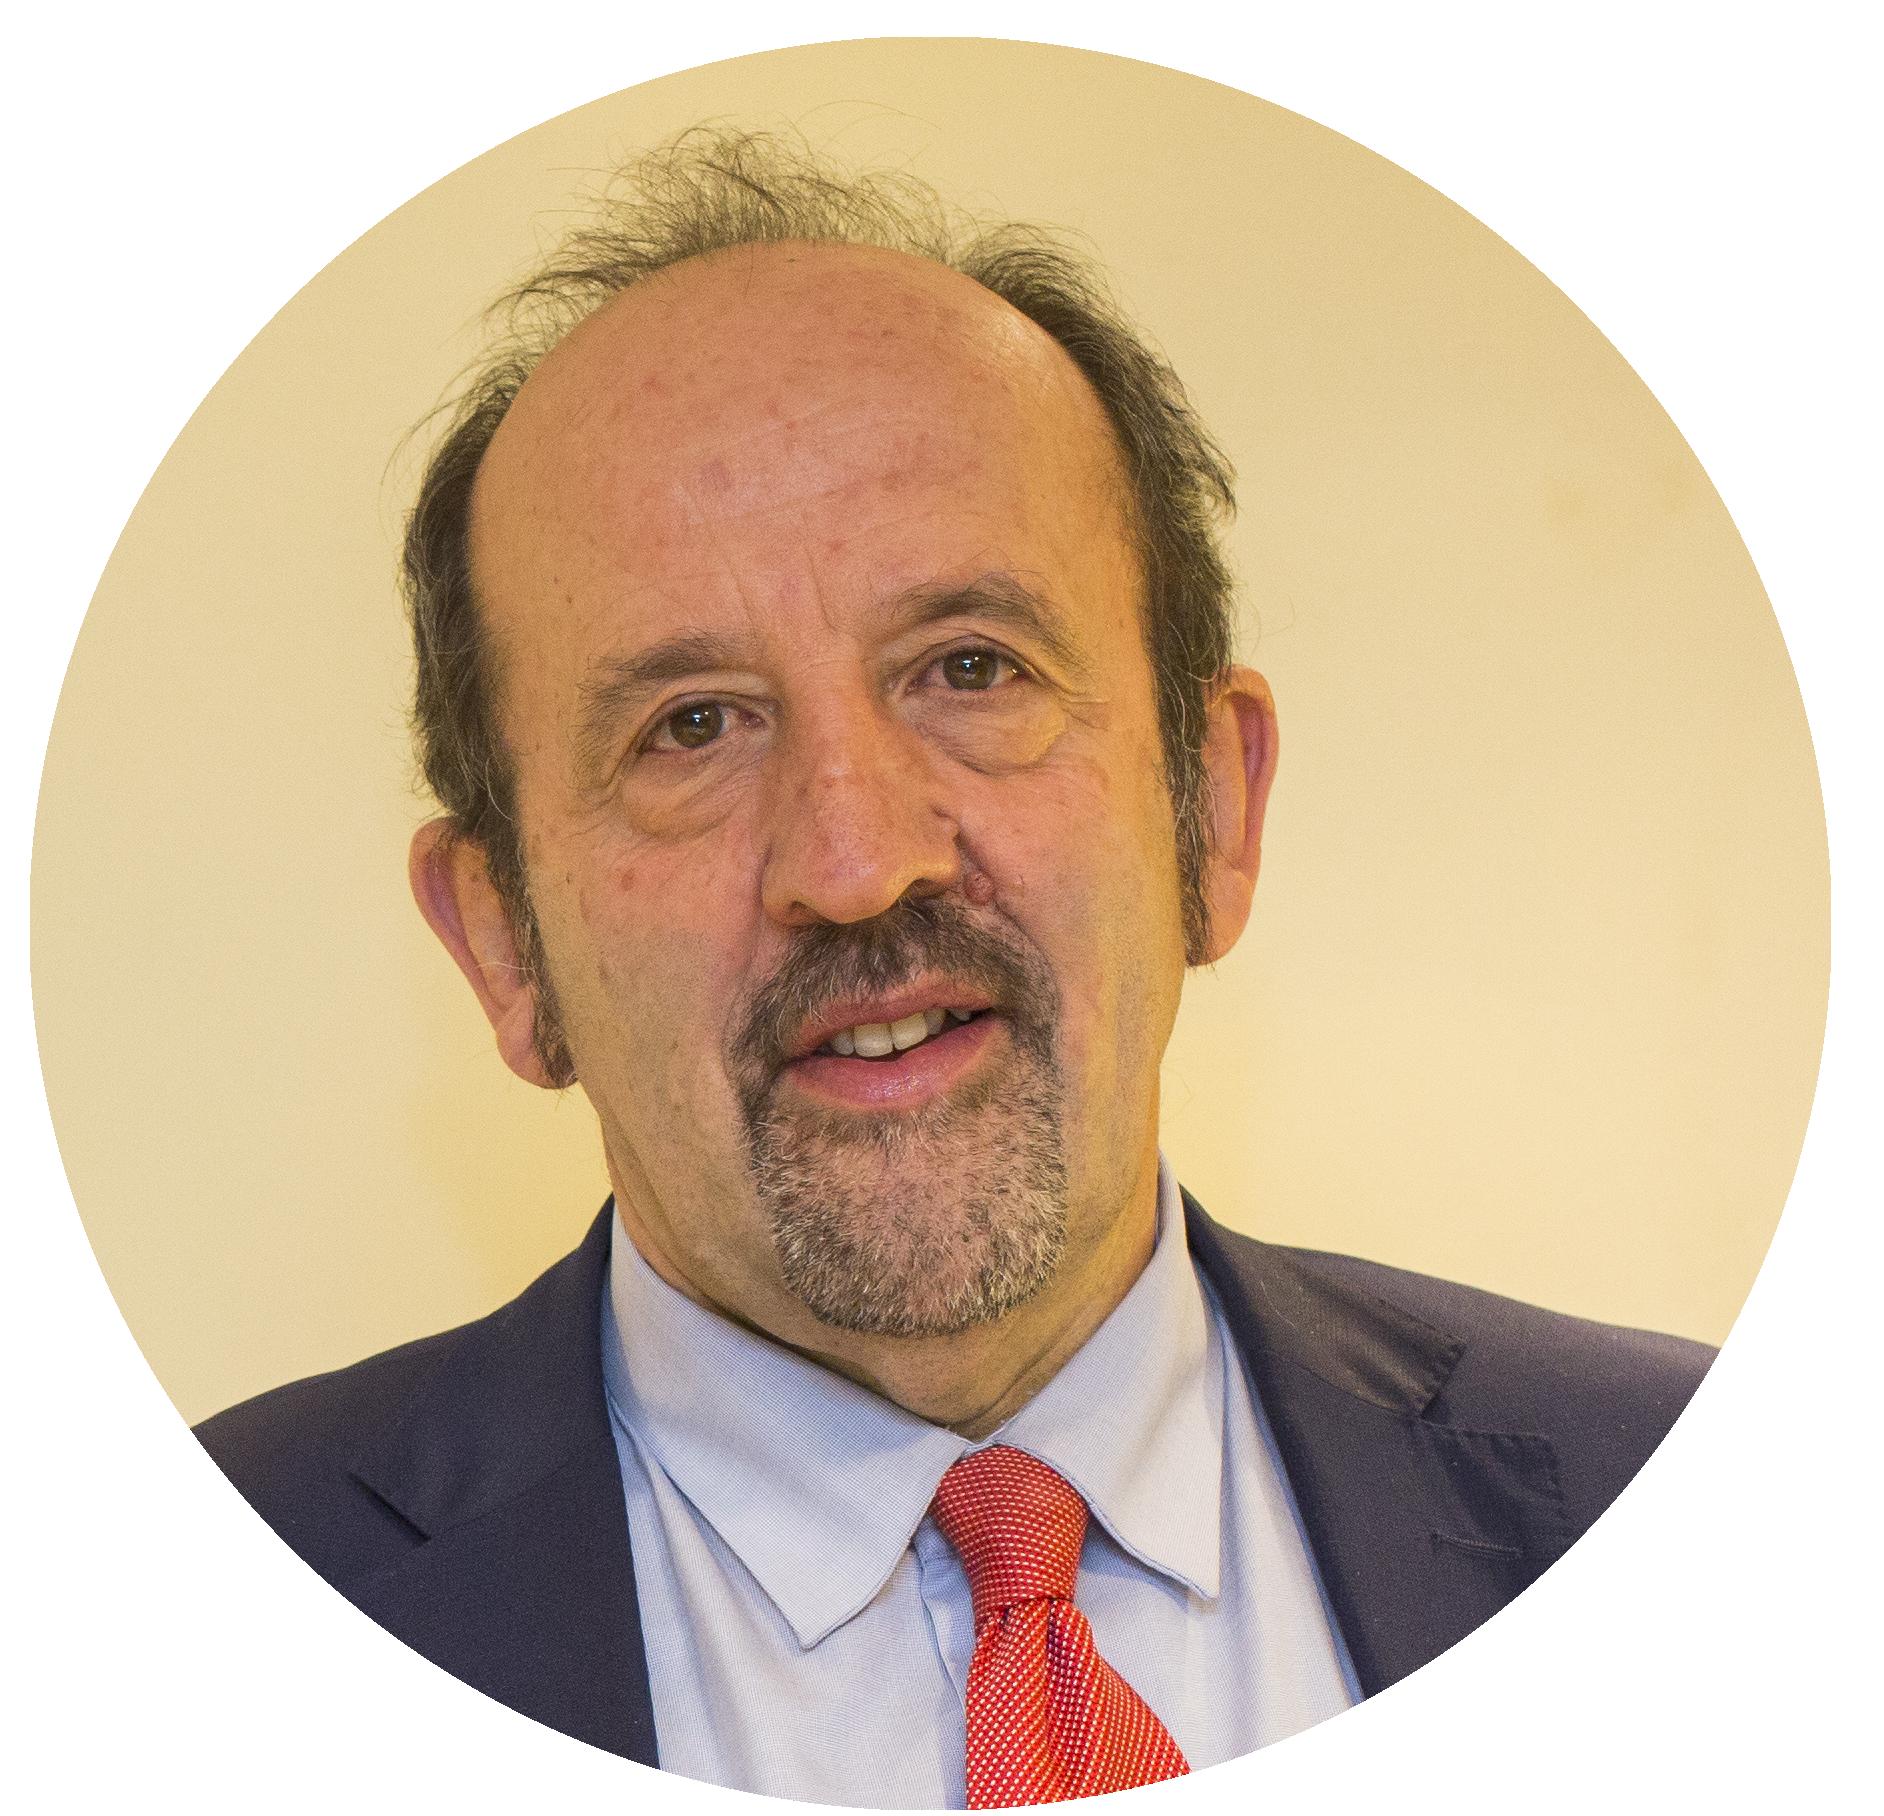 Alberto Ceña - CEO BEPTE S.L.